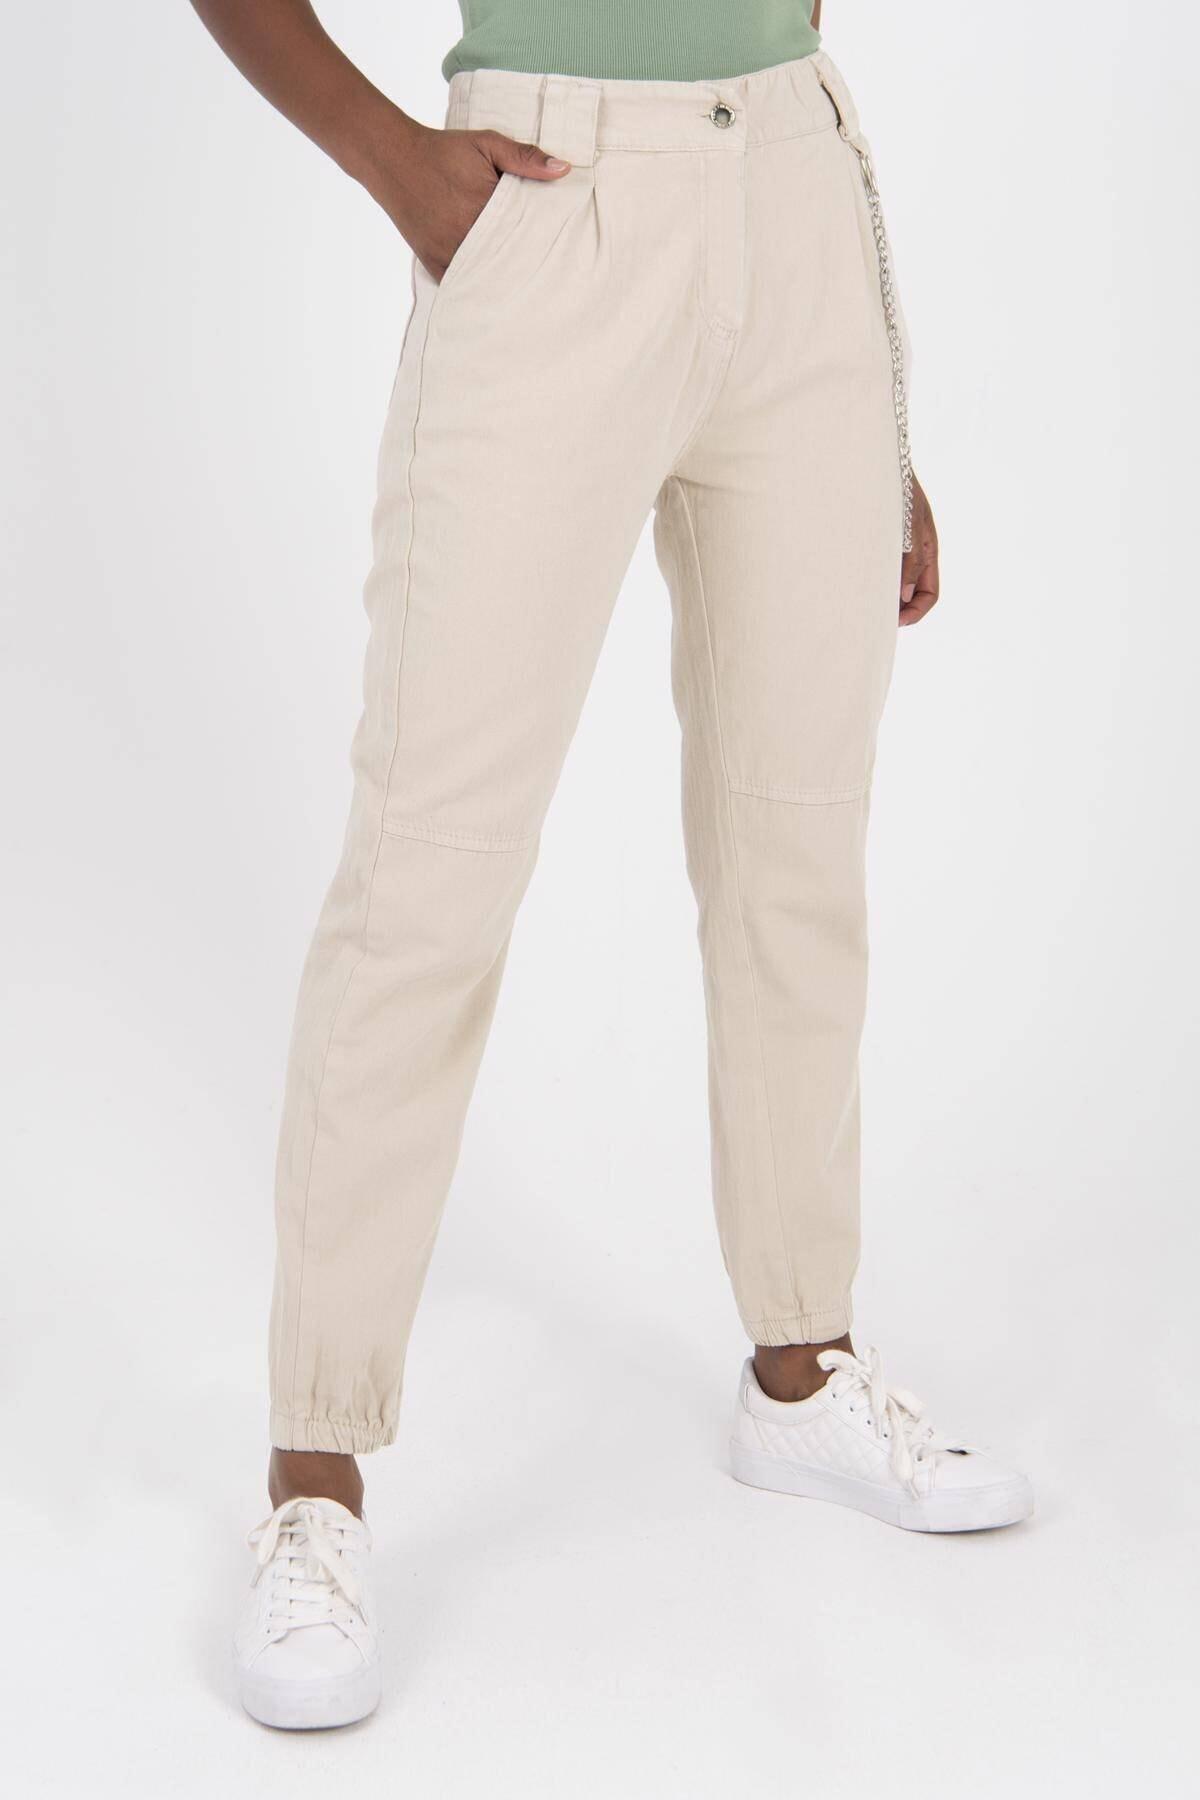 Addax Zincir Detaylı Pantolon Pn3974 - Pnr 1